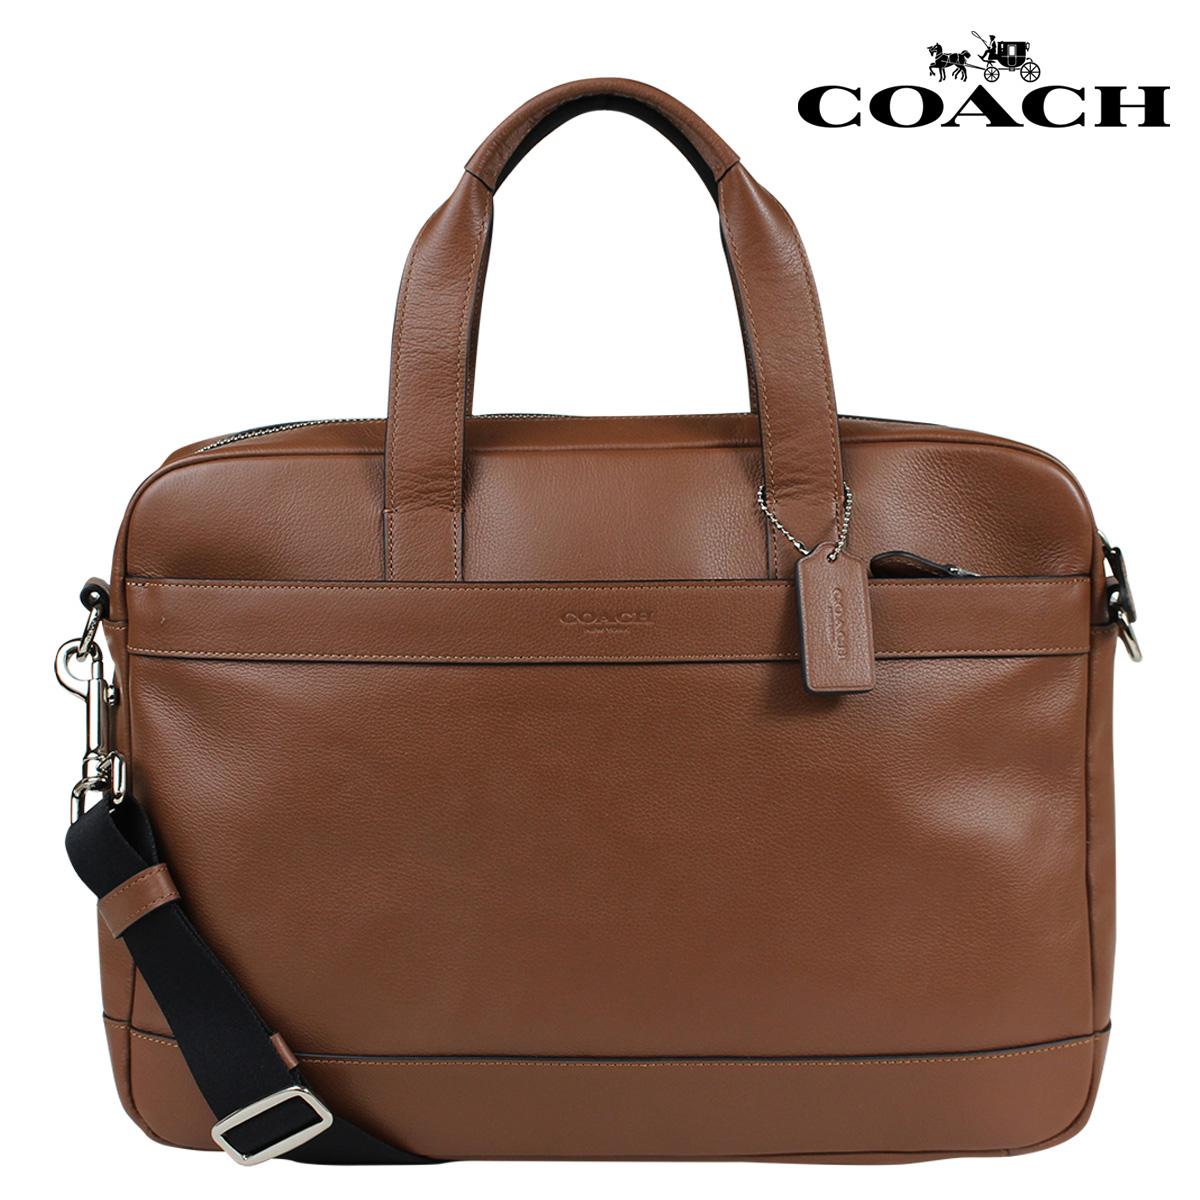 【最大2000円OFFクーポン】 コーチ COACH メンズ バッグ ビジネスバッグ ブリーフケース F54801 ブラウン